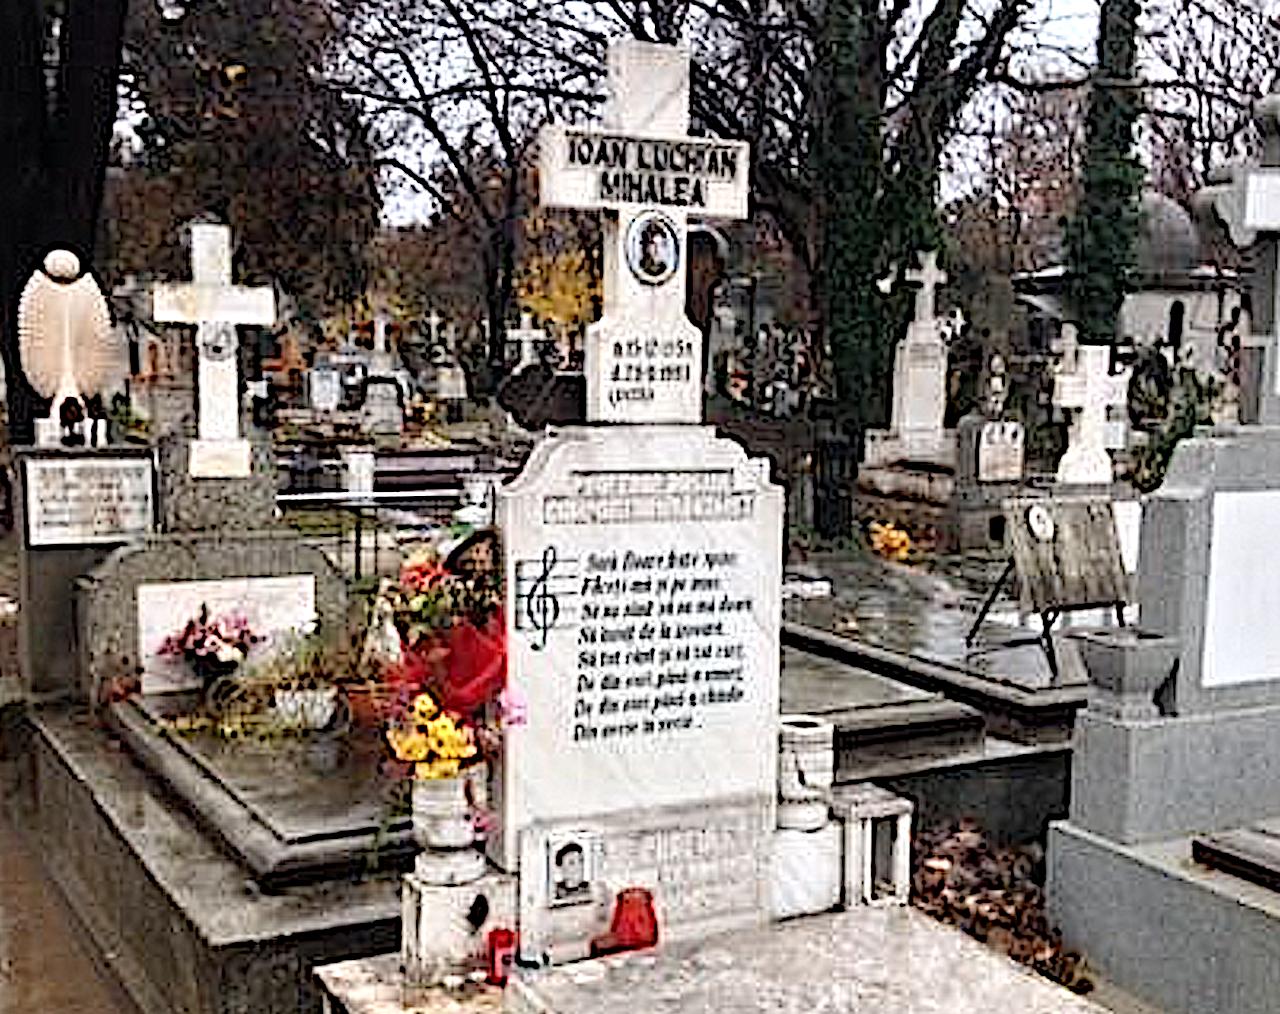 Misterele încă nedezlegate ale asasinarii lui Ioan Luchian Mihalea. A fost o crimă comandată de cercurile gay din politică?!